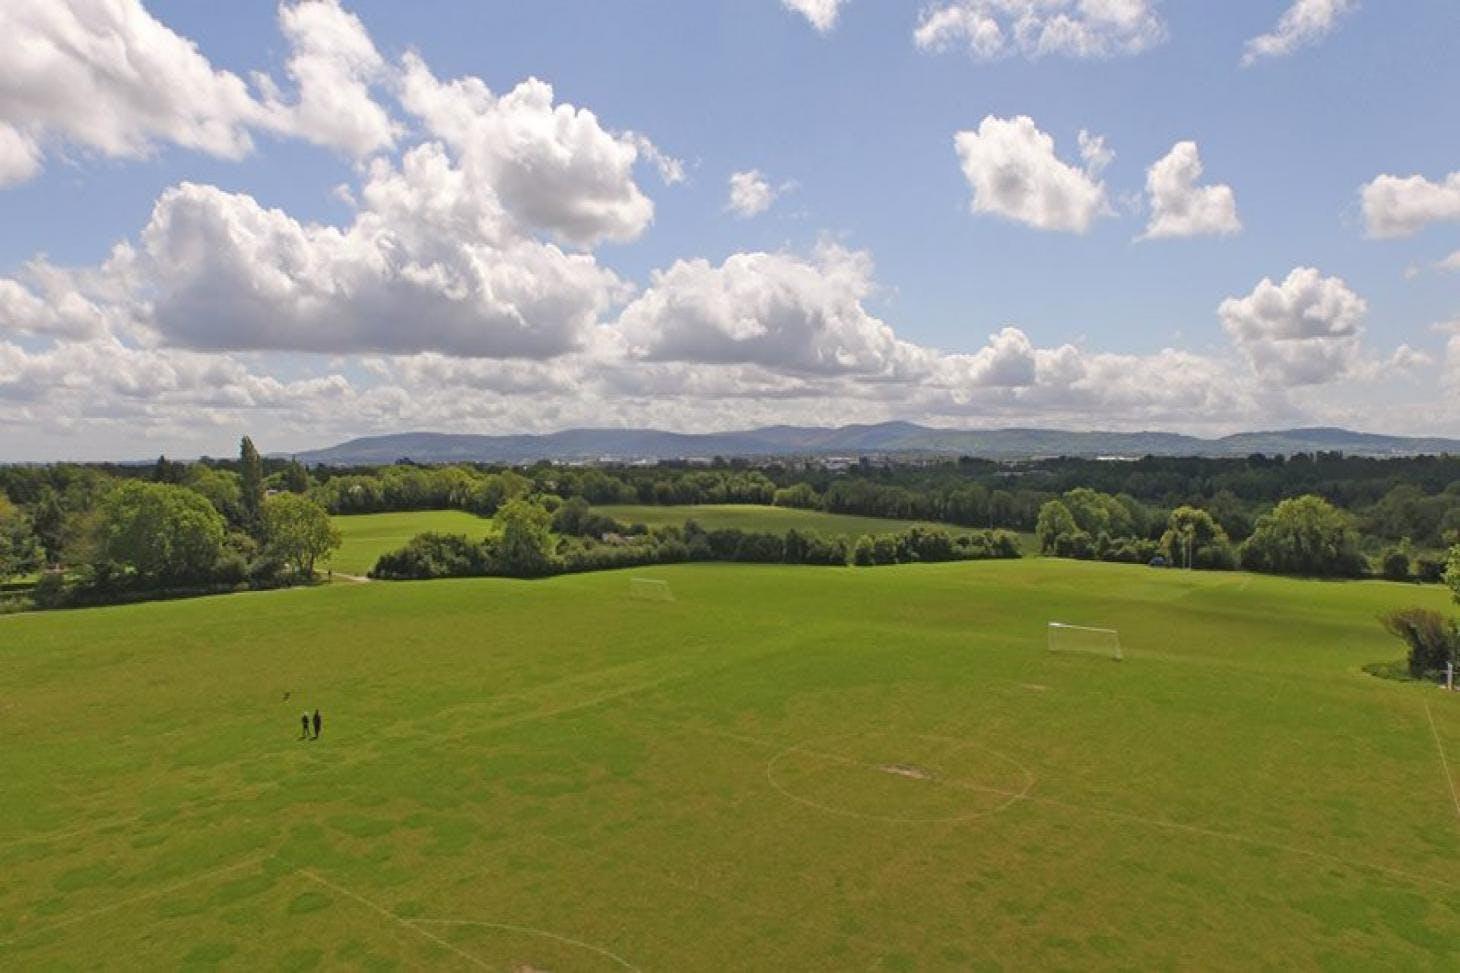 Porterstown Park 11 a side | Grass football pitch